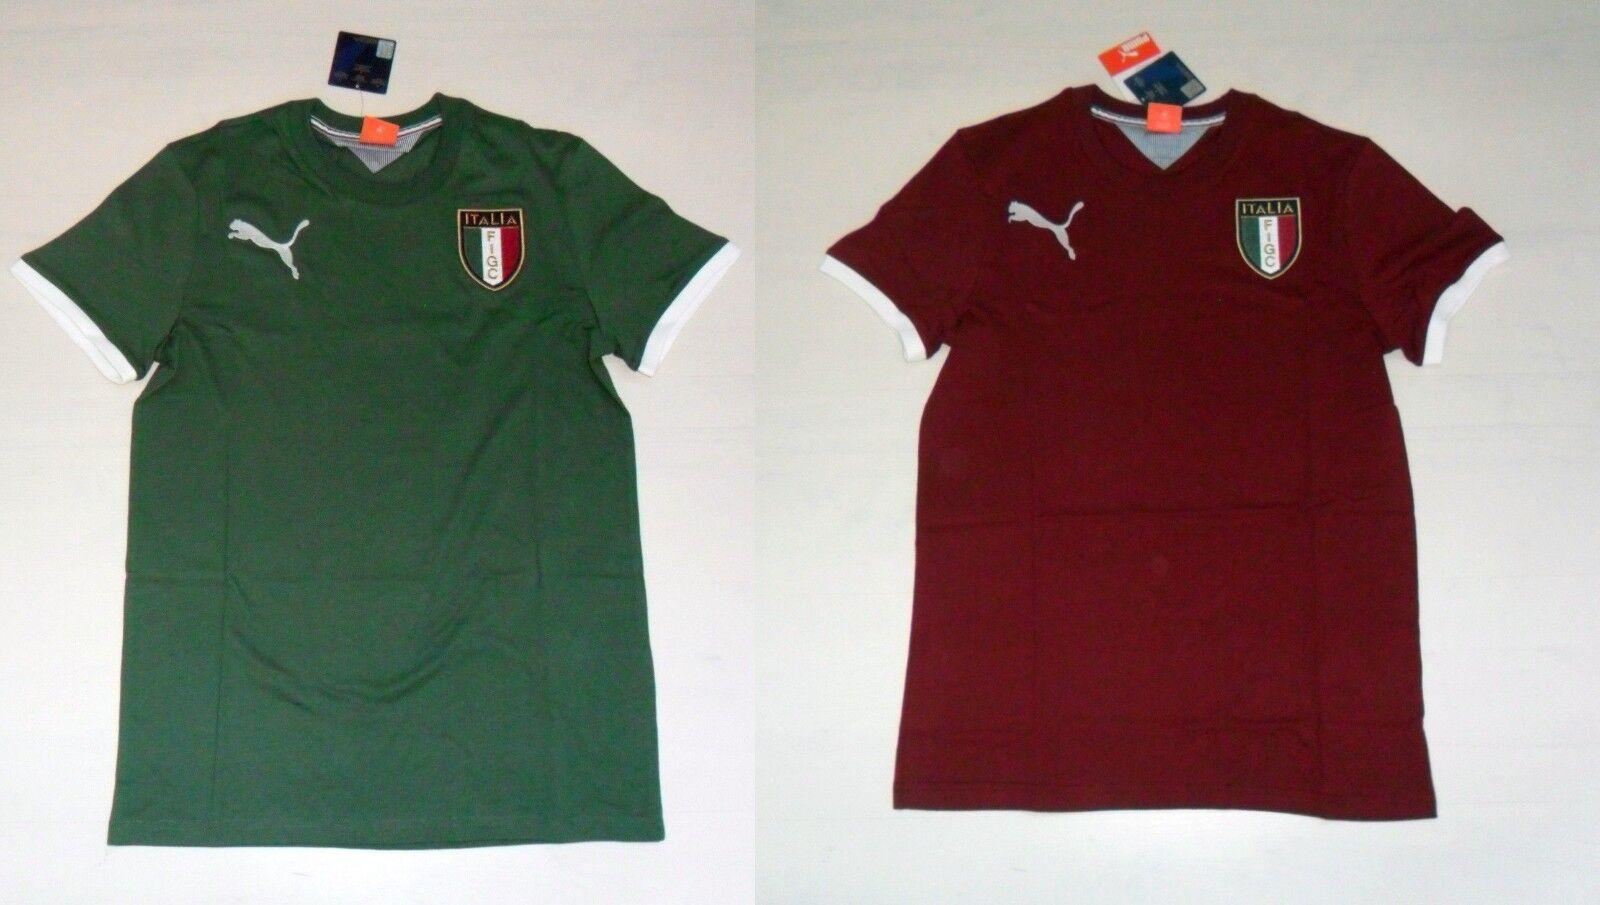 3515 PUMA ITALIEN T-SHIRT BADGE TEE T-SHIRT BAUMWOLLE ERSTE '14 ITALIEN 745207